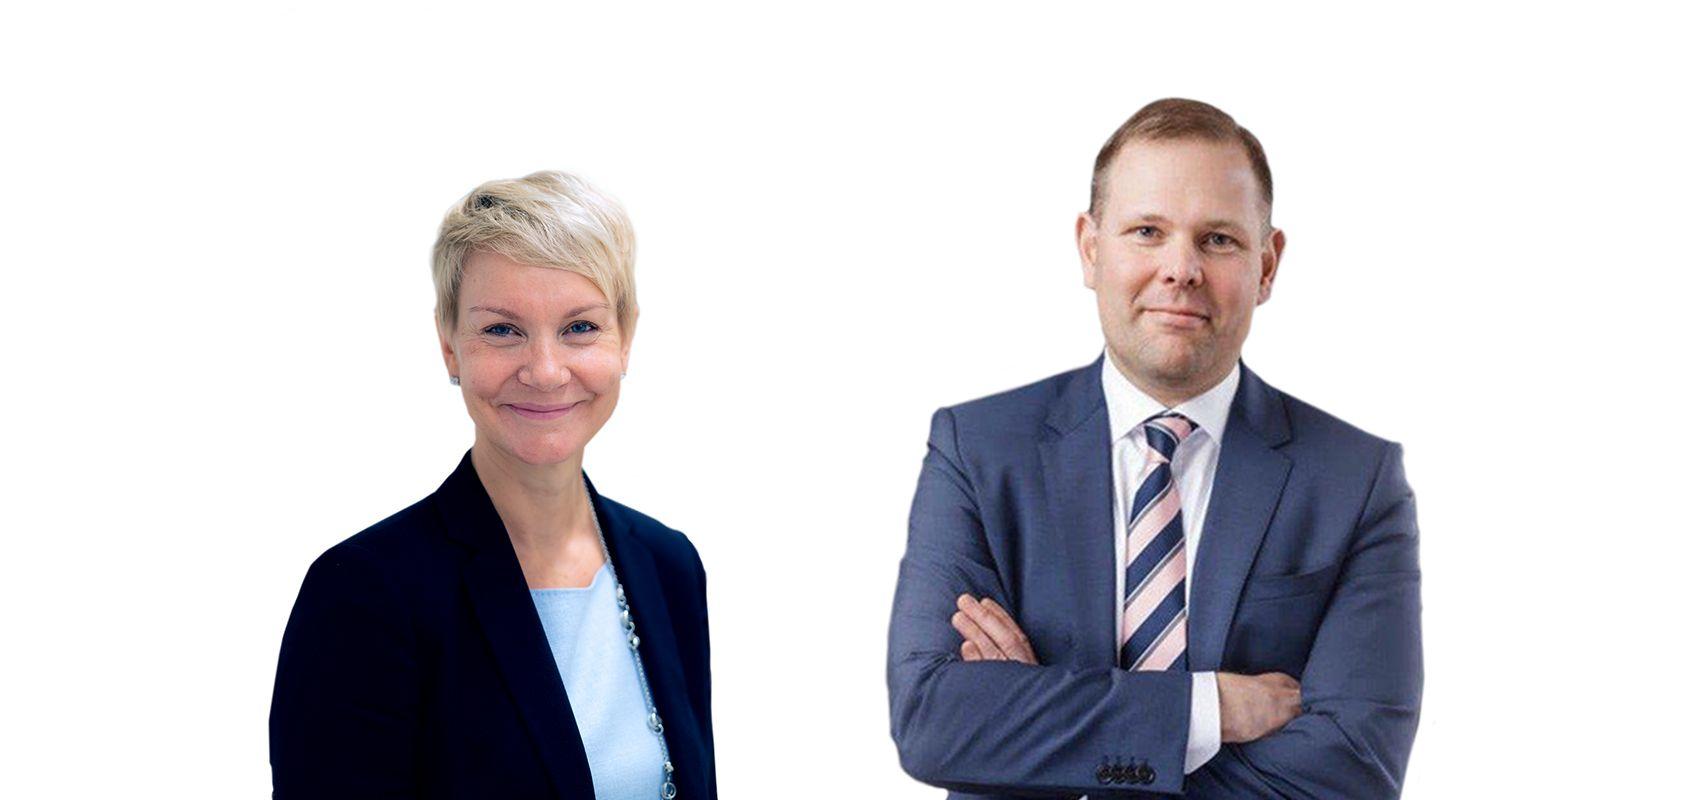 Kalle Härkki and Soile Kankaanpää